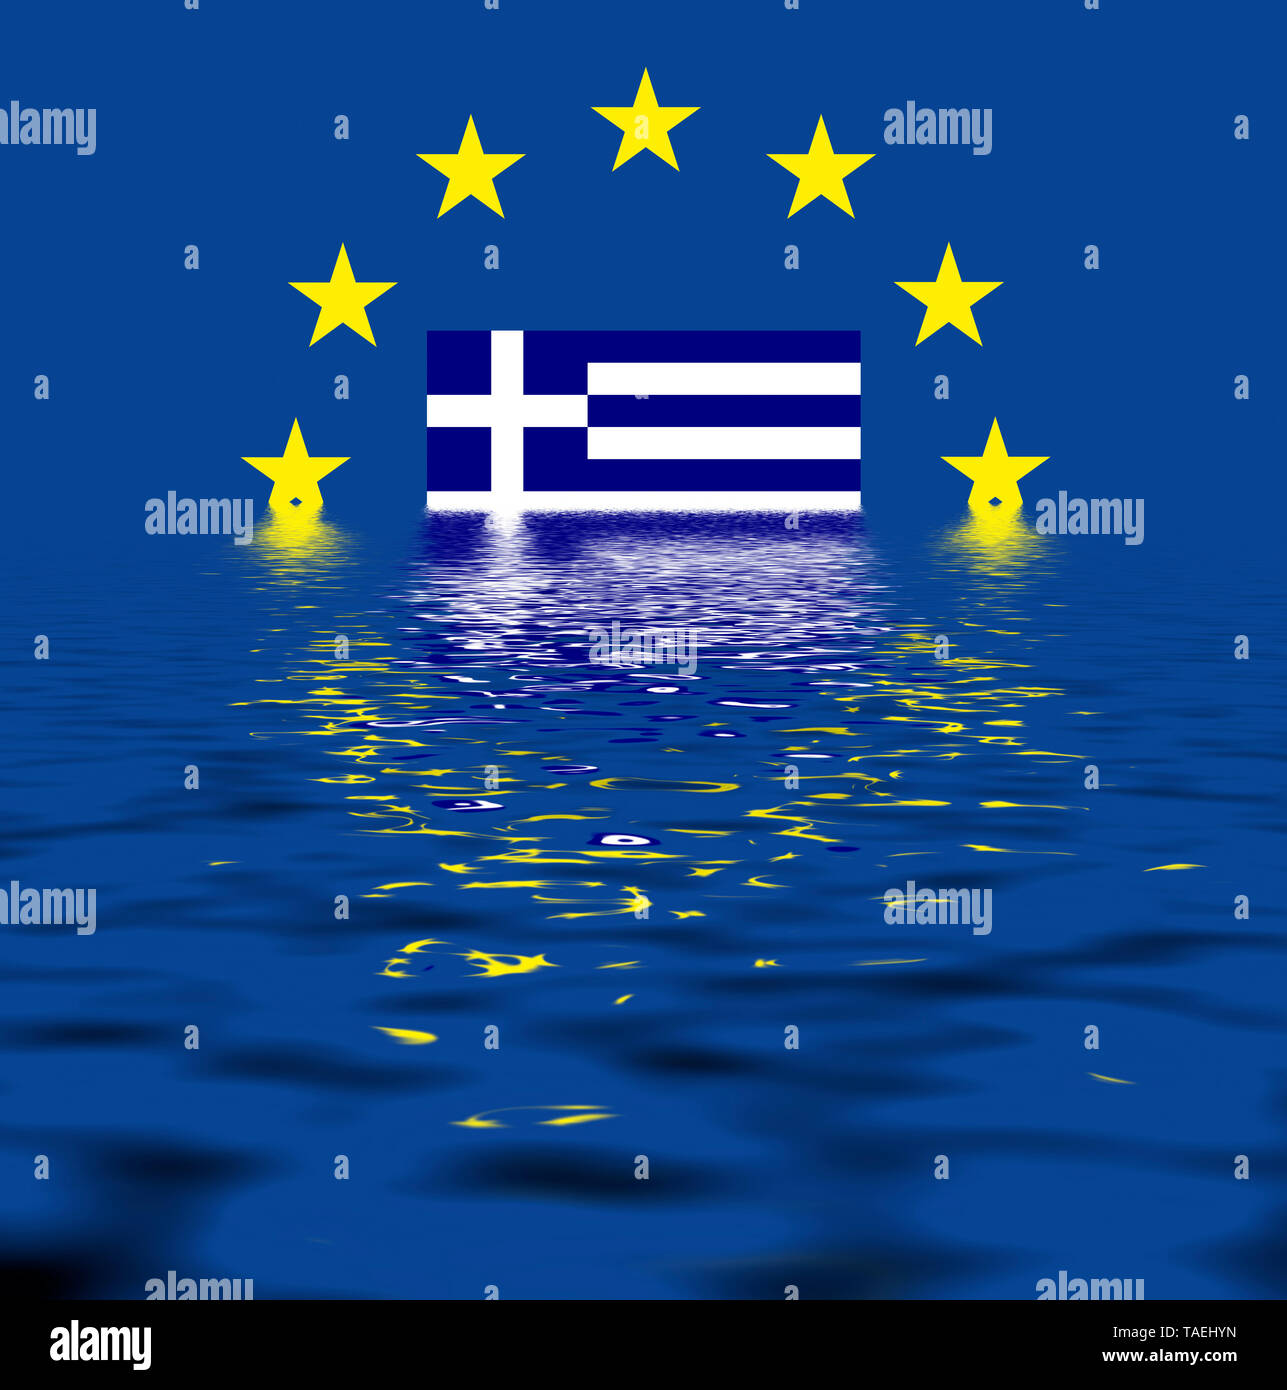 EU-Zeichen mit der Flagge von Griechenland, die Sterne schützen symbolisch das Land Griechenland, Symbolfoto für Europa, alles versinkt im Wasser - Stock Image